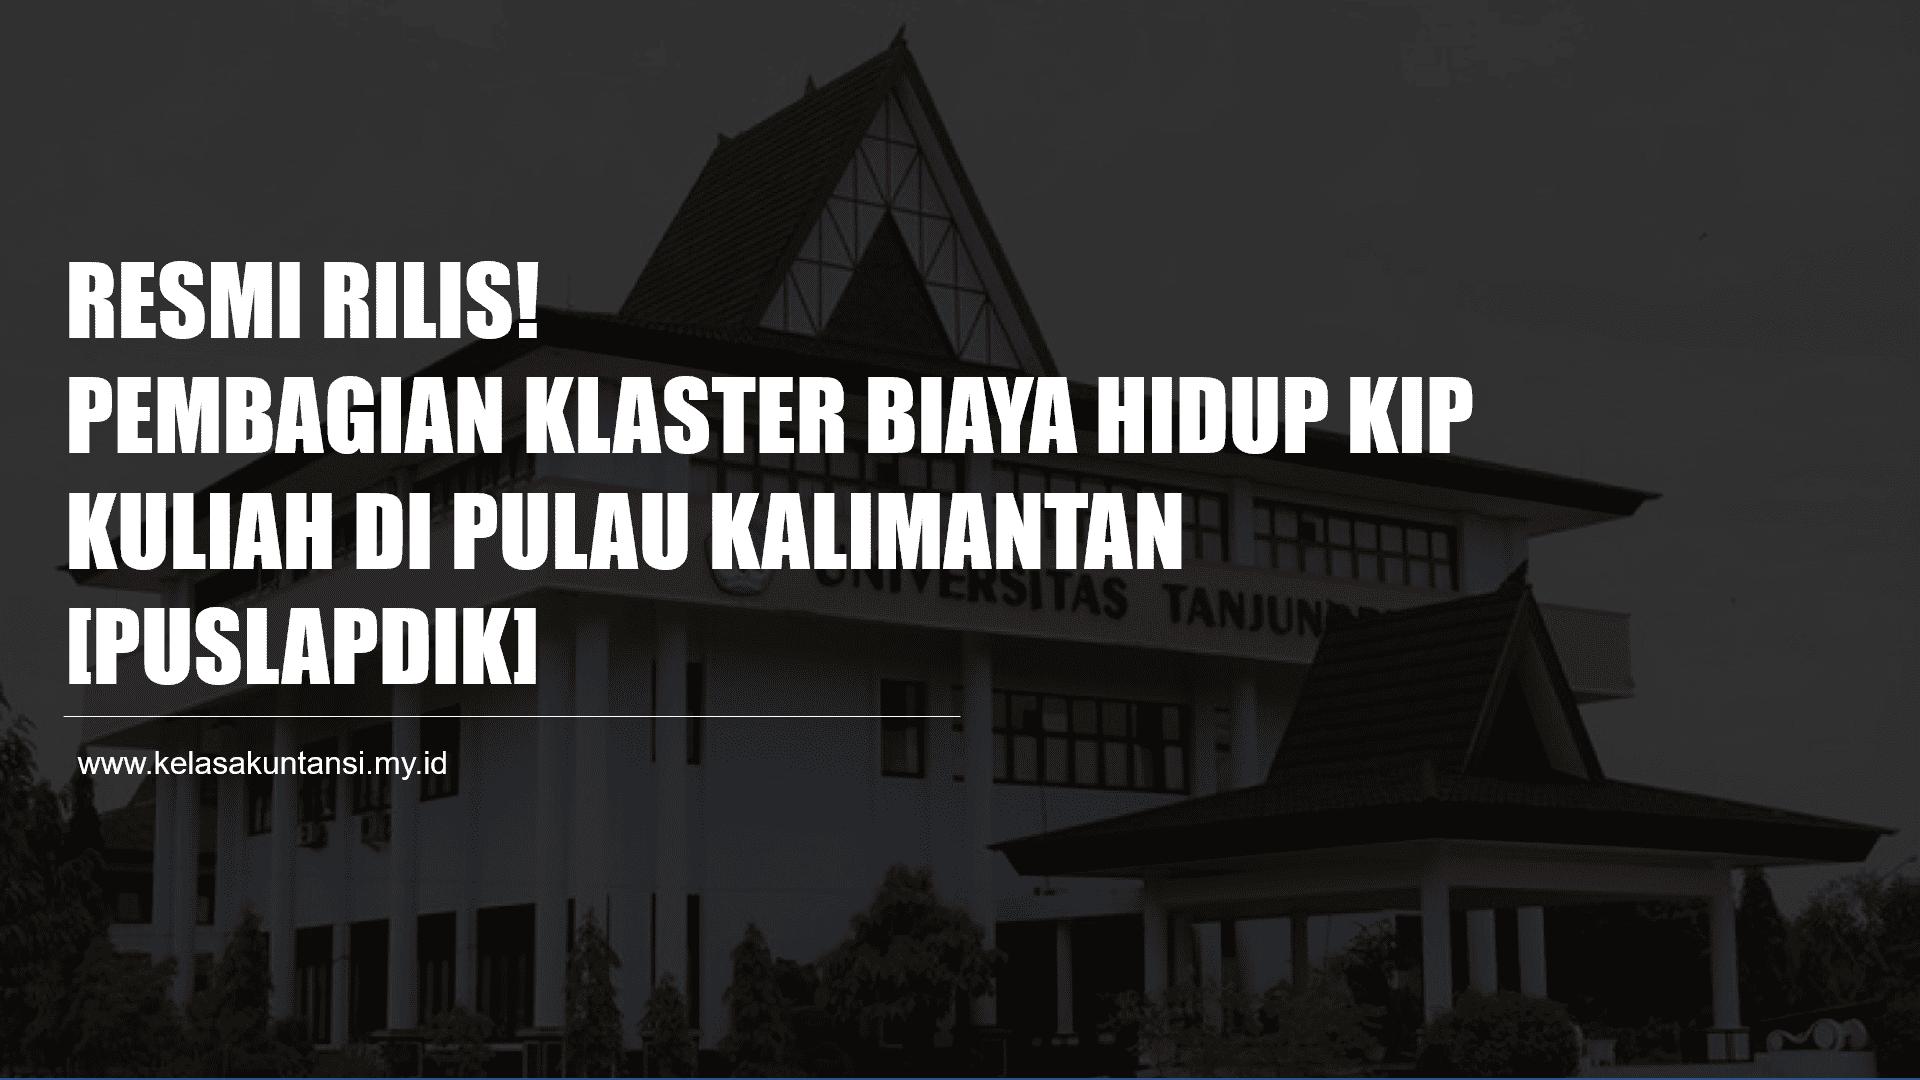 Resmi Rilis! Pembagian Klaster Biaya Hidup KIP Kuliah 2021 di Pulau Kalimantan [Puslapdik]